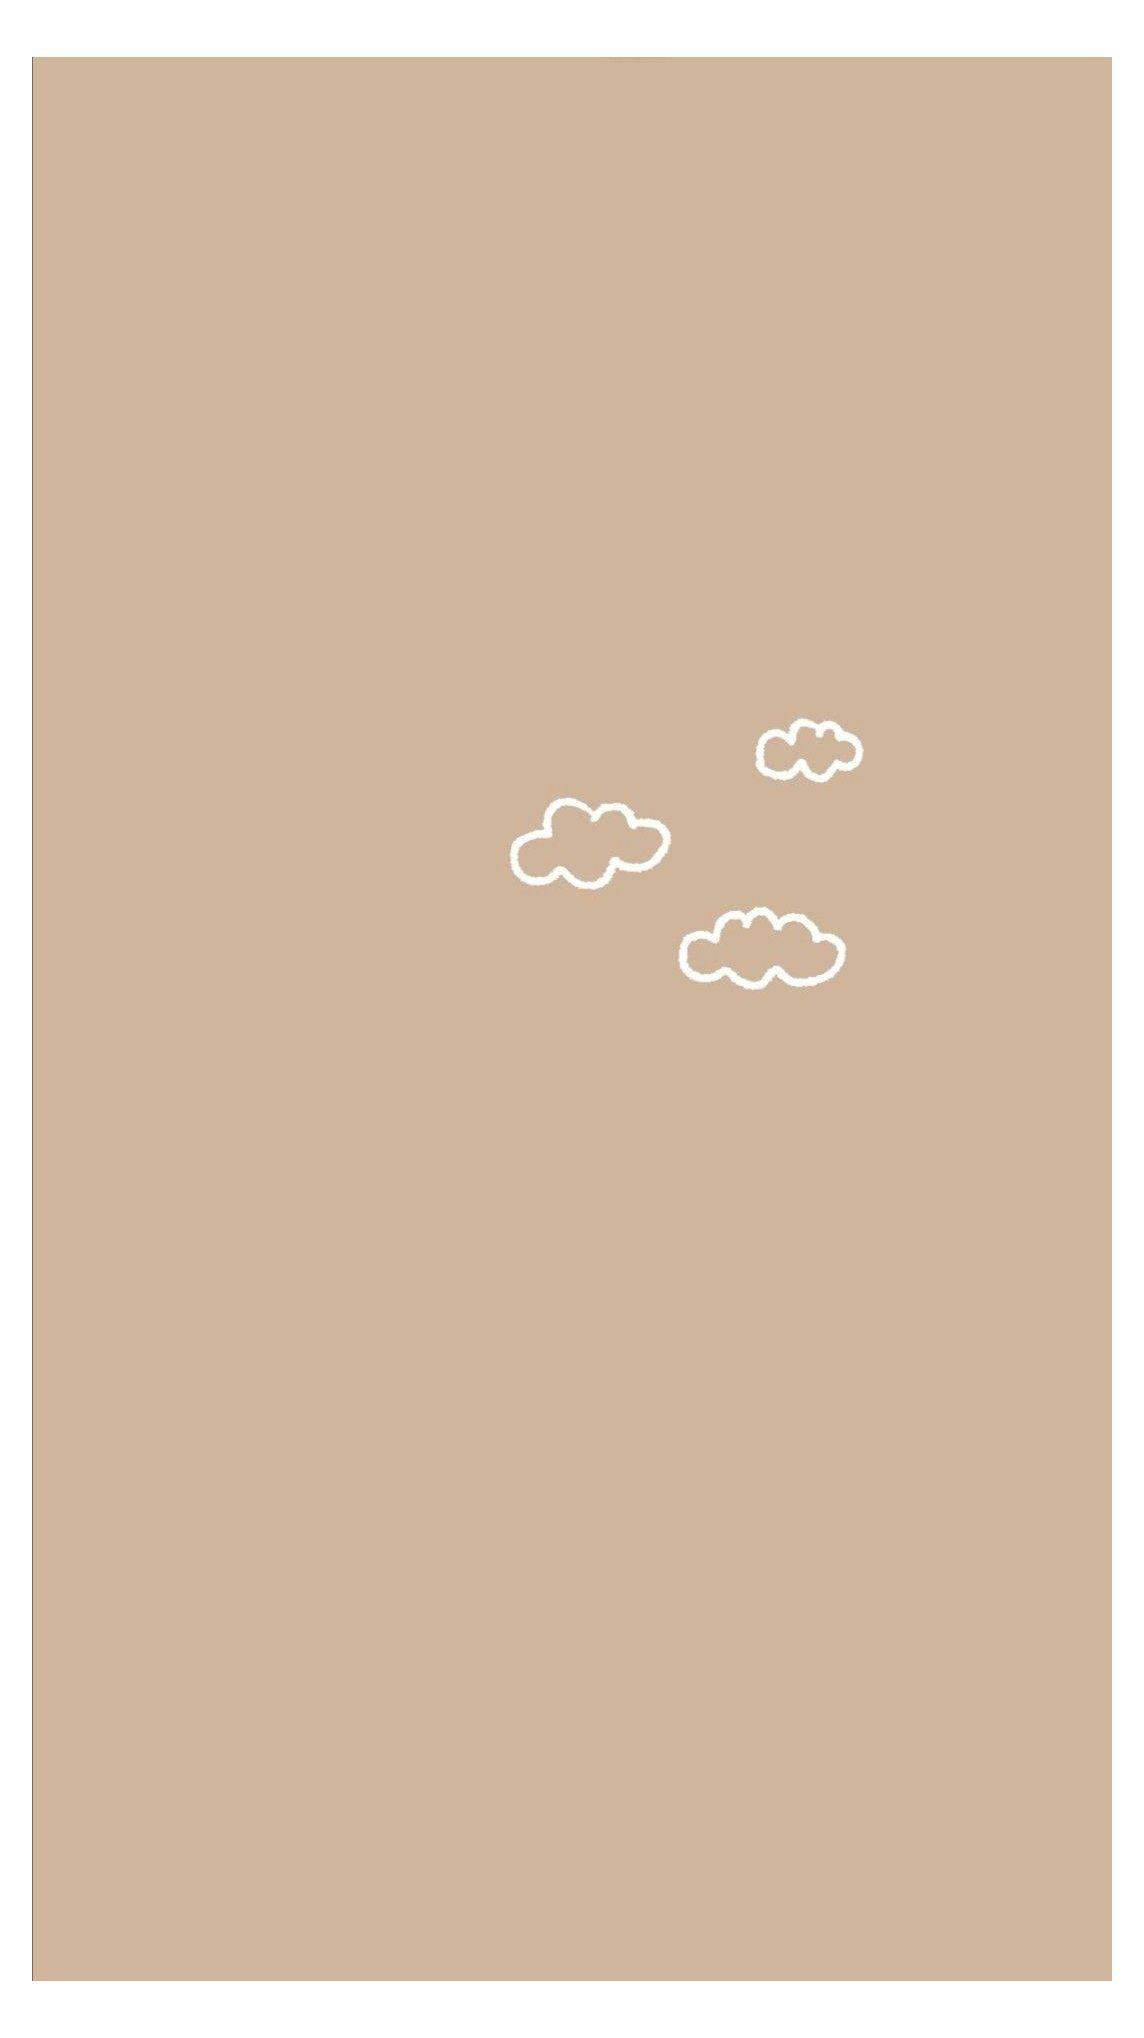 Brown Iphone Wallpaper